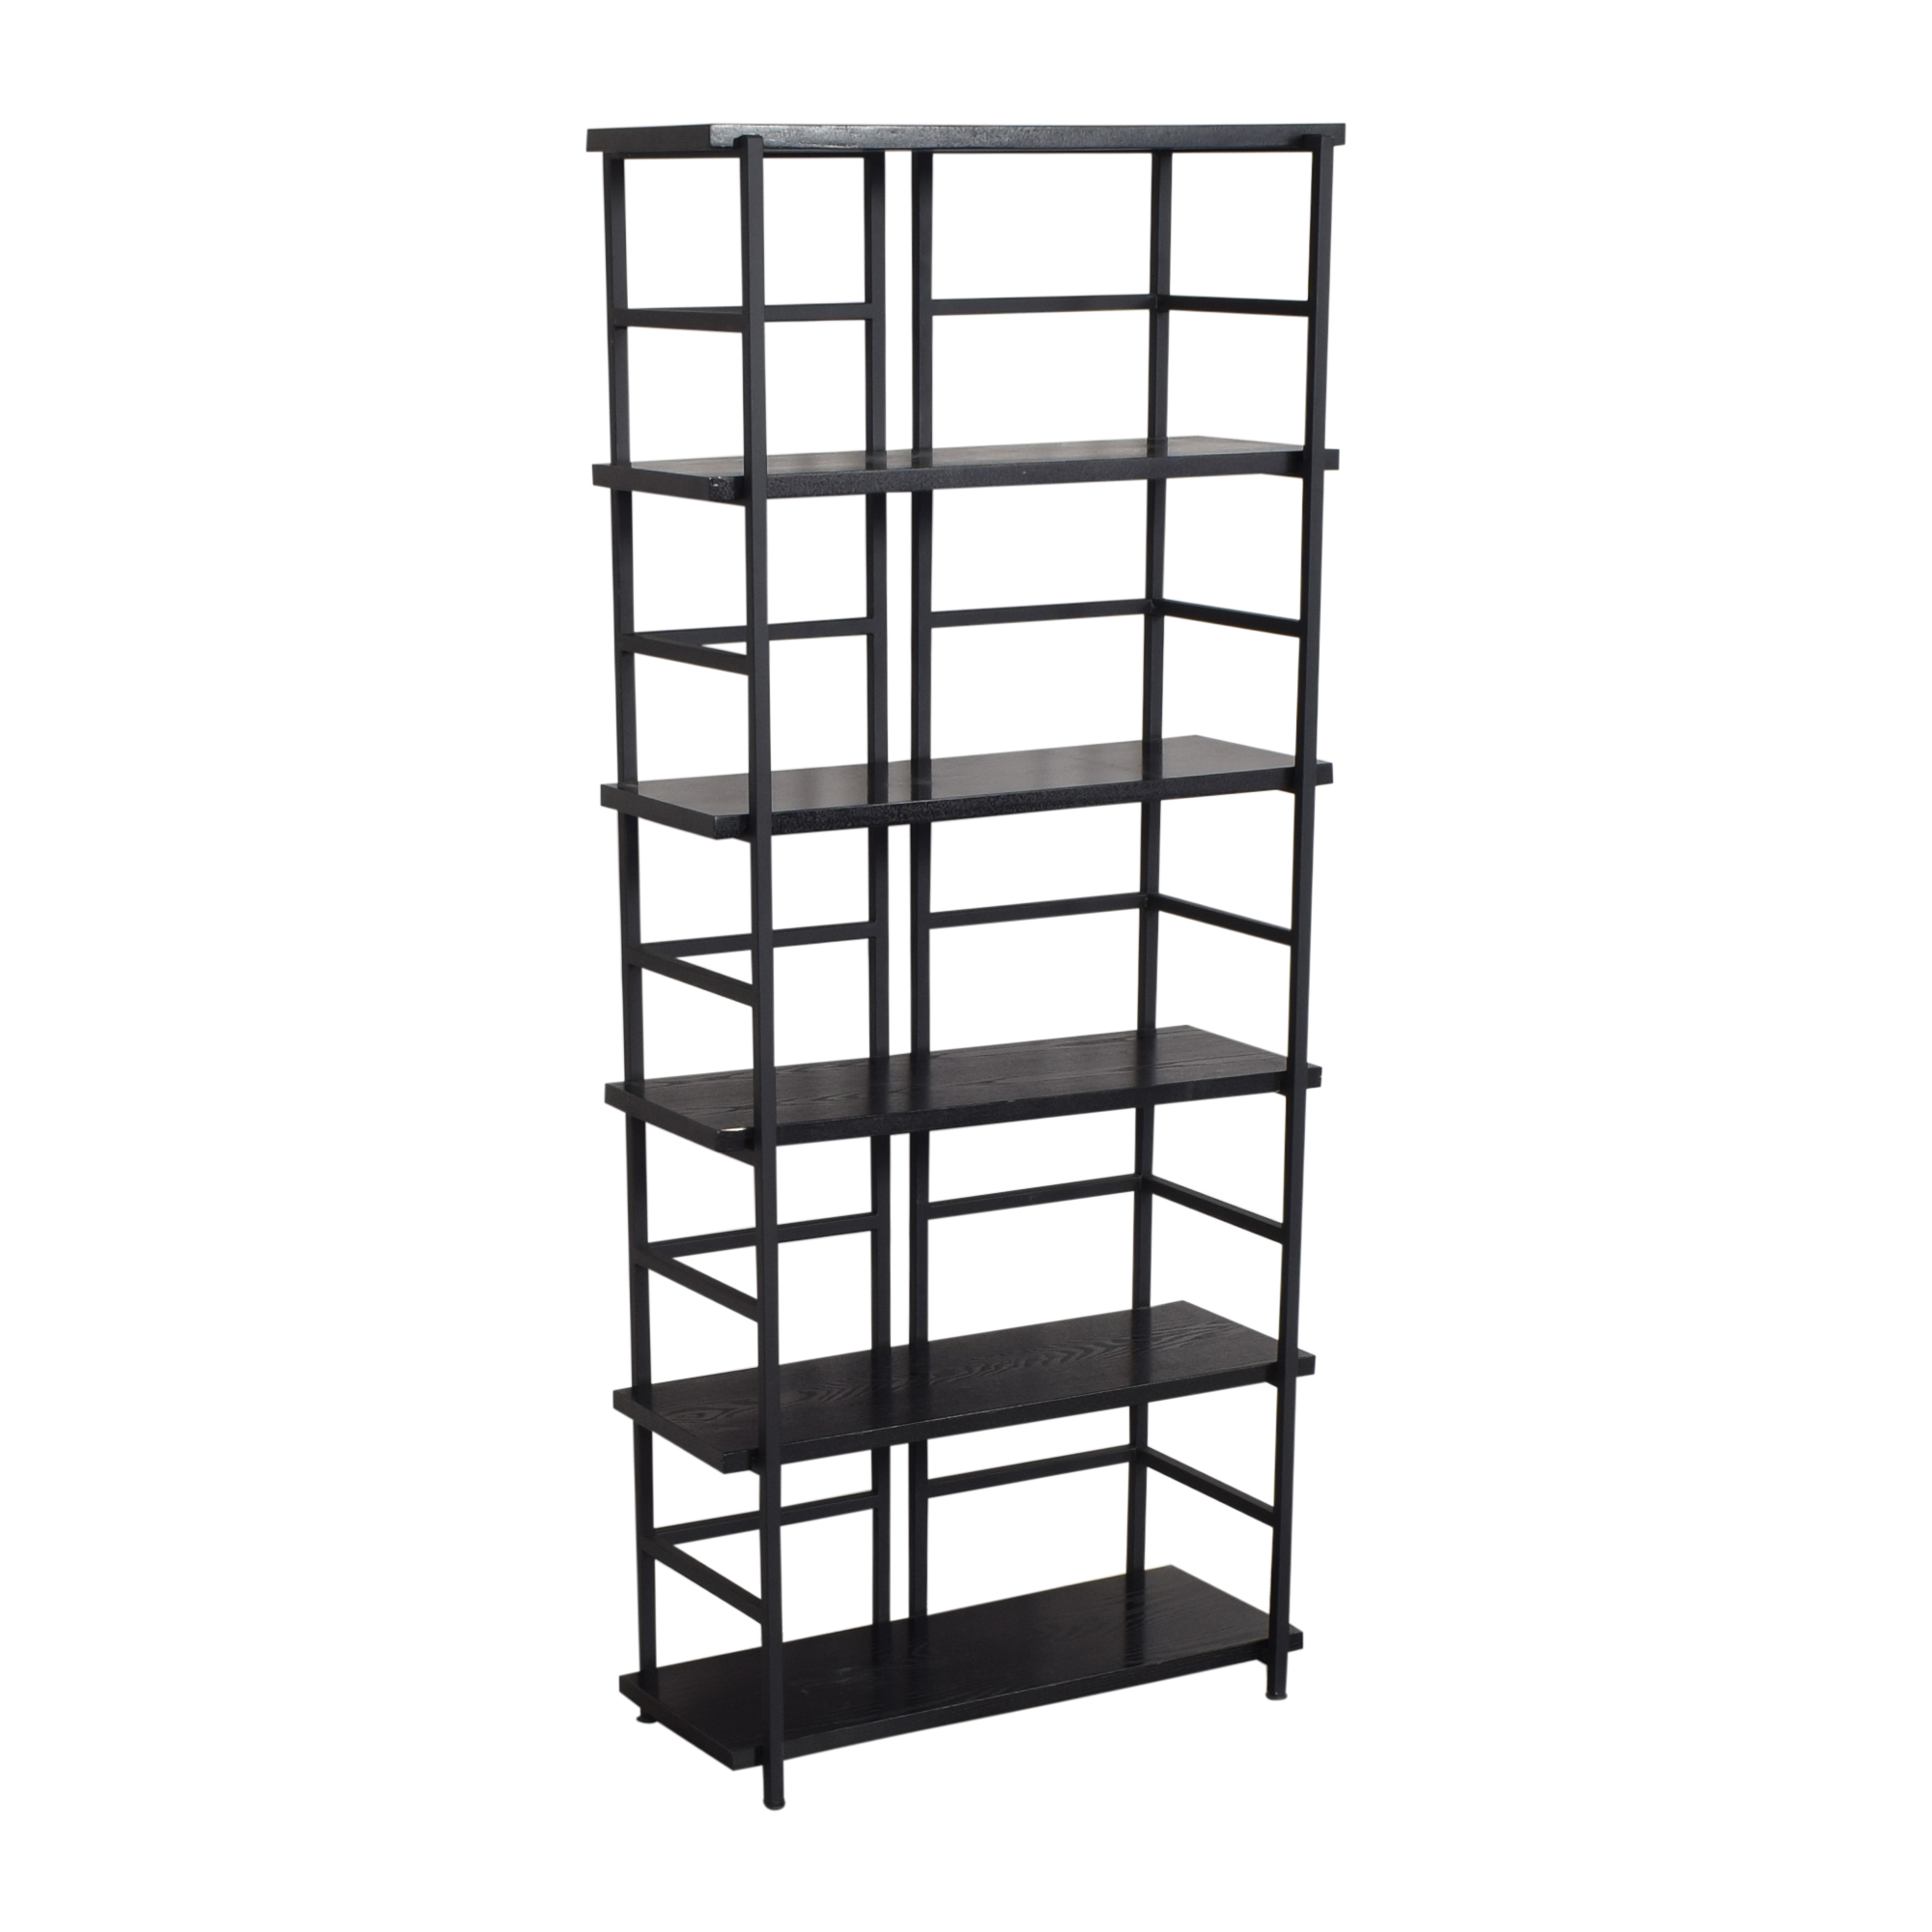 The Container Store The Container Store Connections Five Shelf Bookshelf